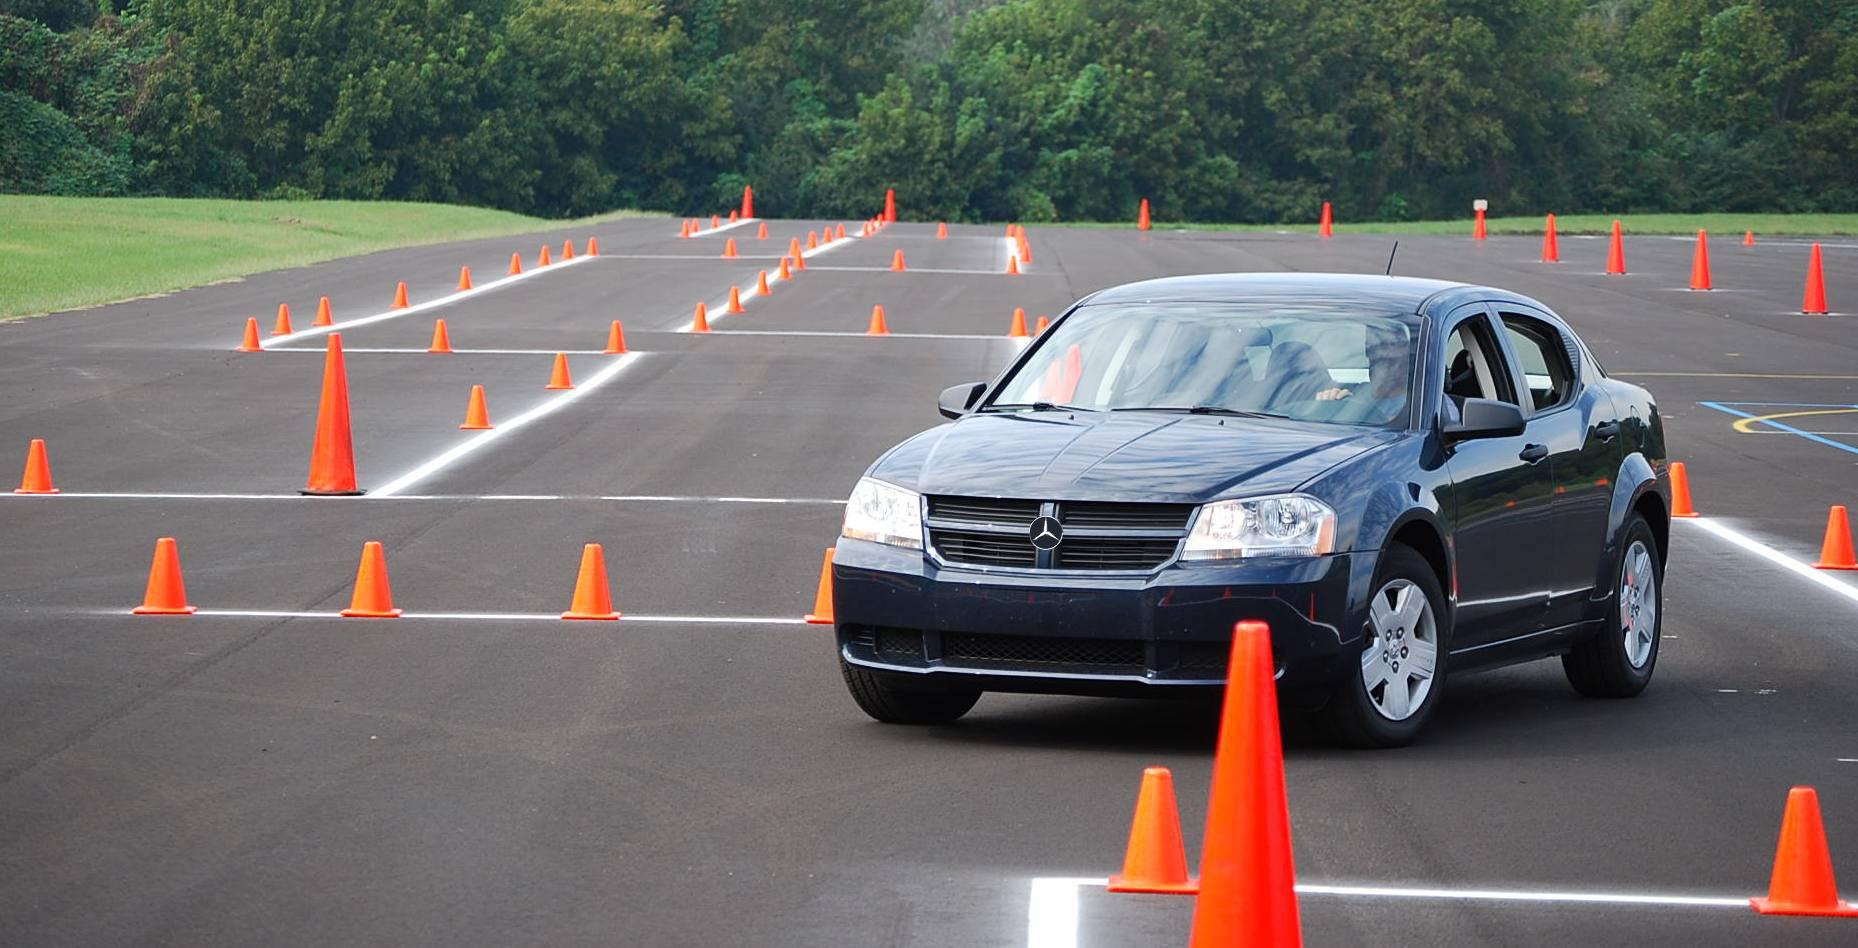 Автошкола: как подобрать лучшую автомобильную школу